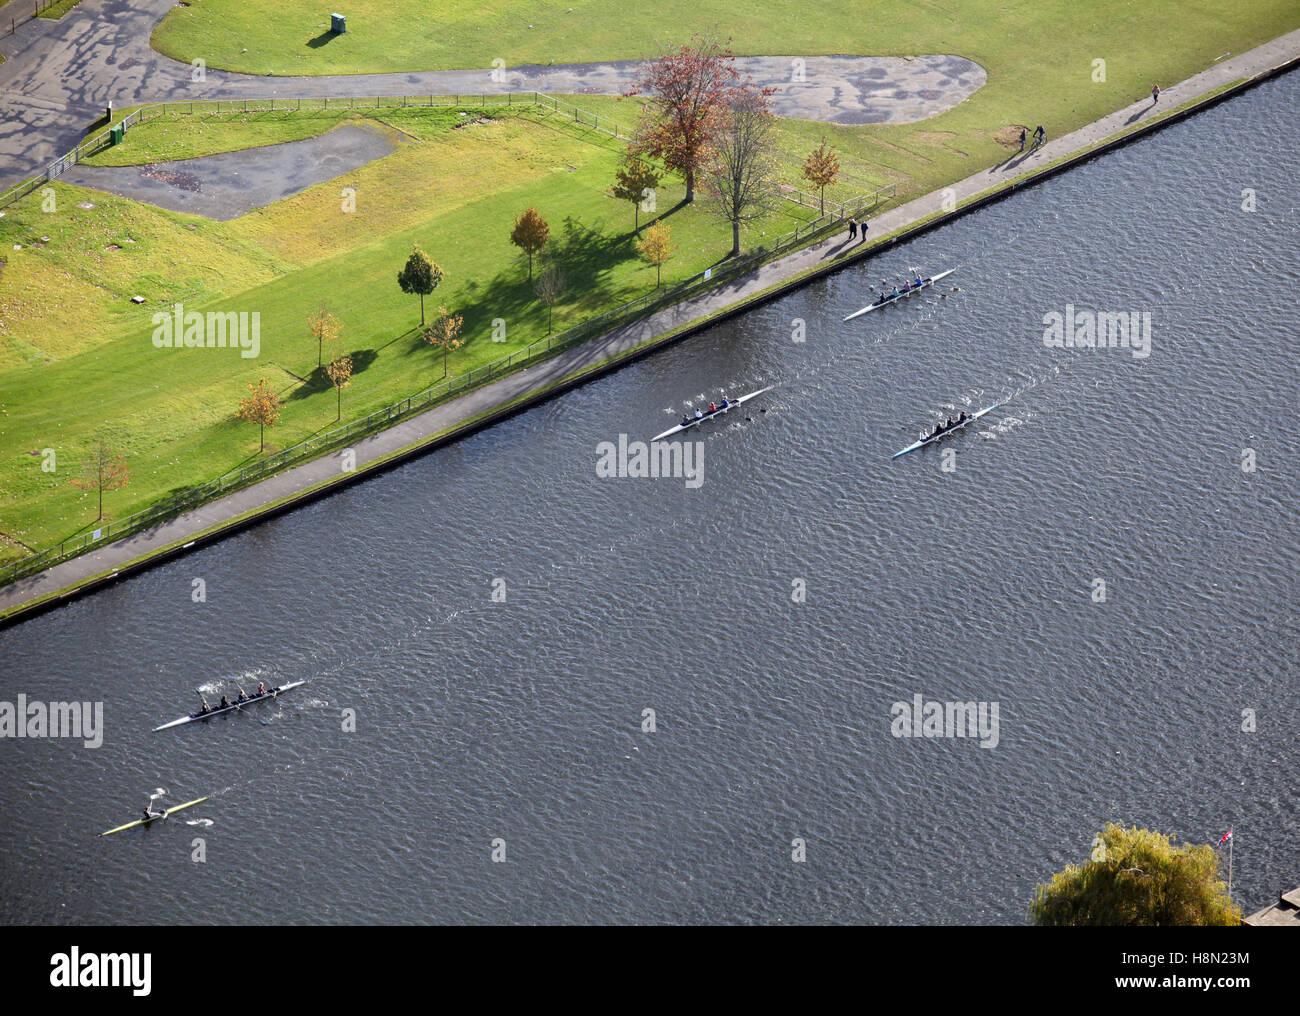 Vue aérienne des sportifs de l'aviron sur la rivière Thames, à Henley-on-Thames, Royaume-Uni Photo Stock